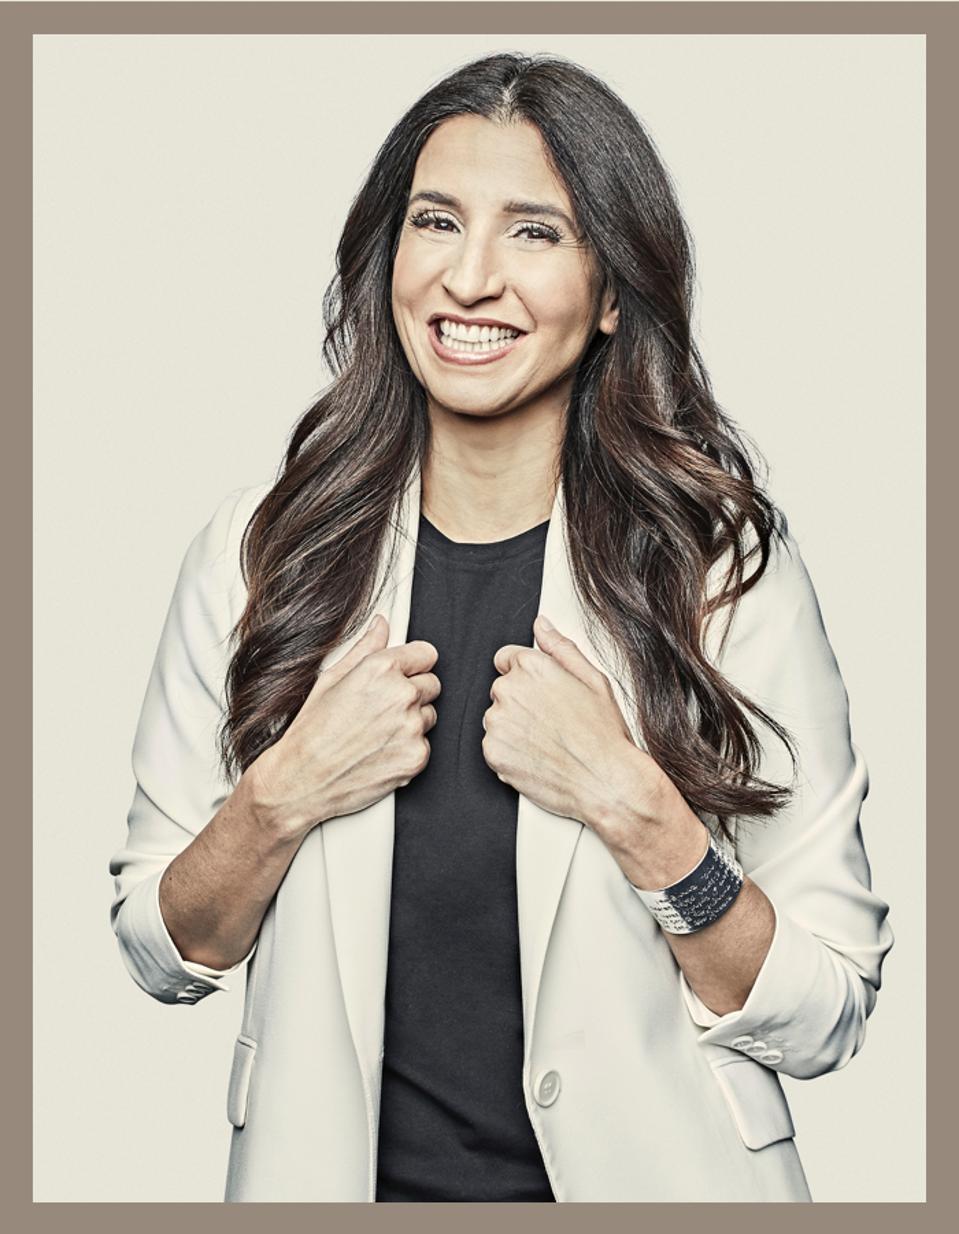 Jessica Rovello